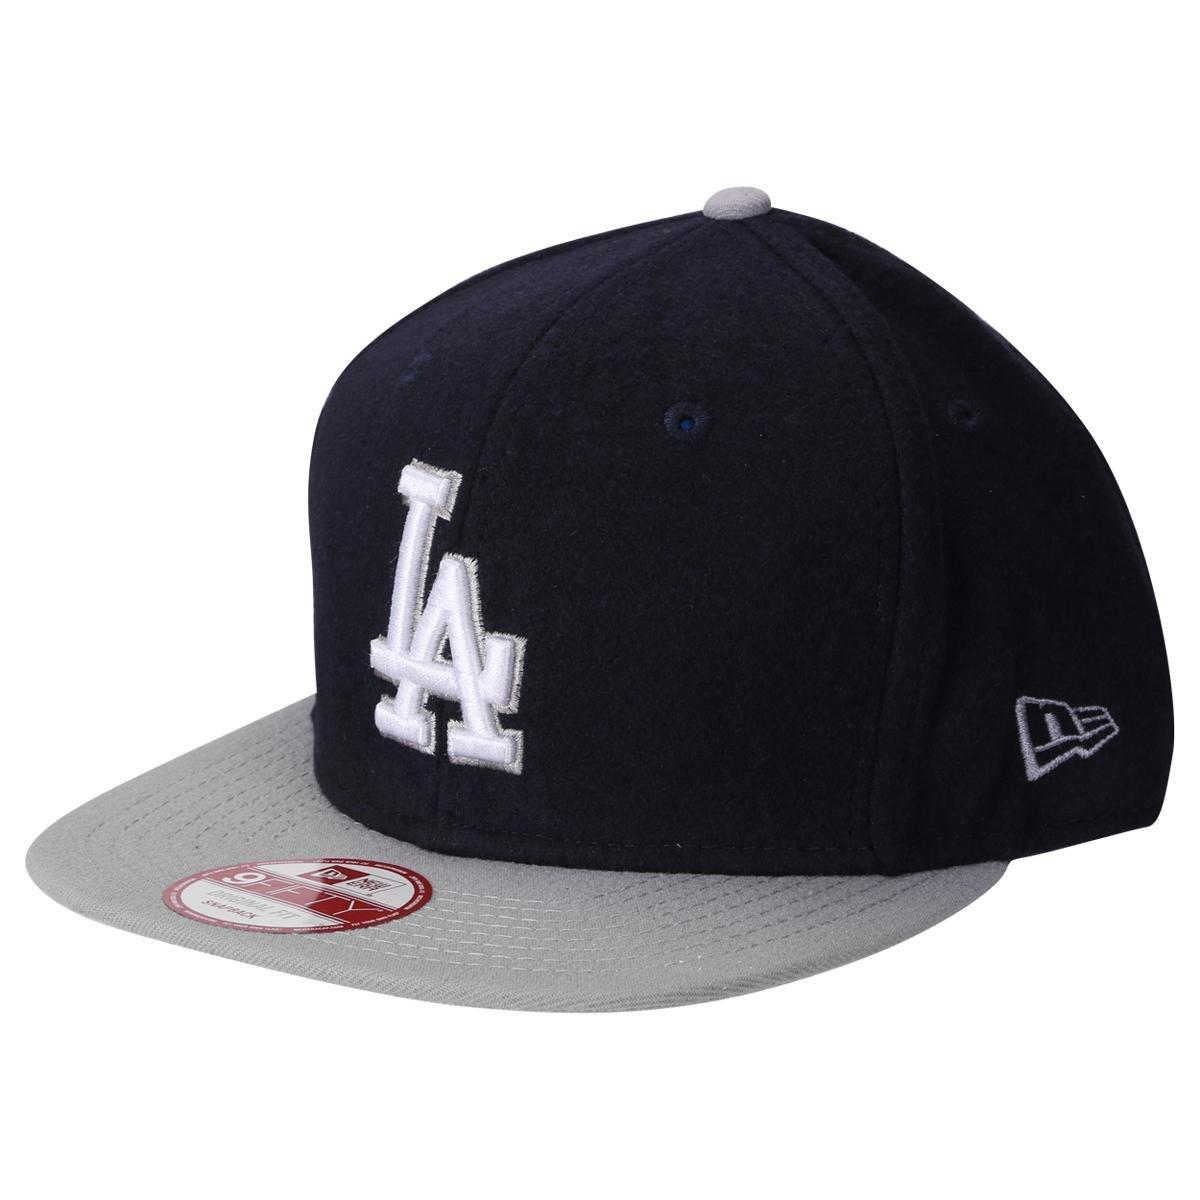 Boné New Era 950 MLB Los Angeles Dodgers - Compre Agora  3b56354de11